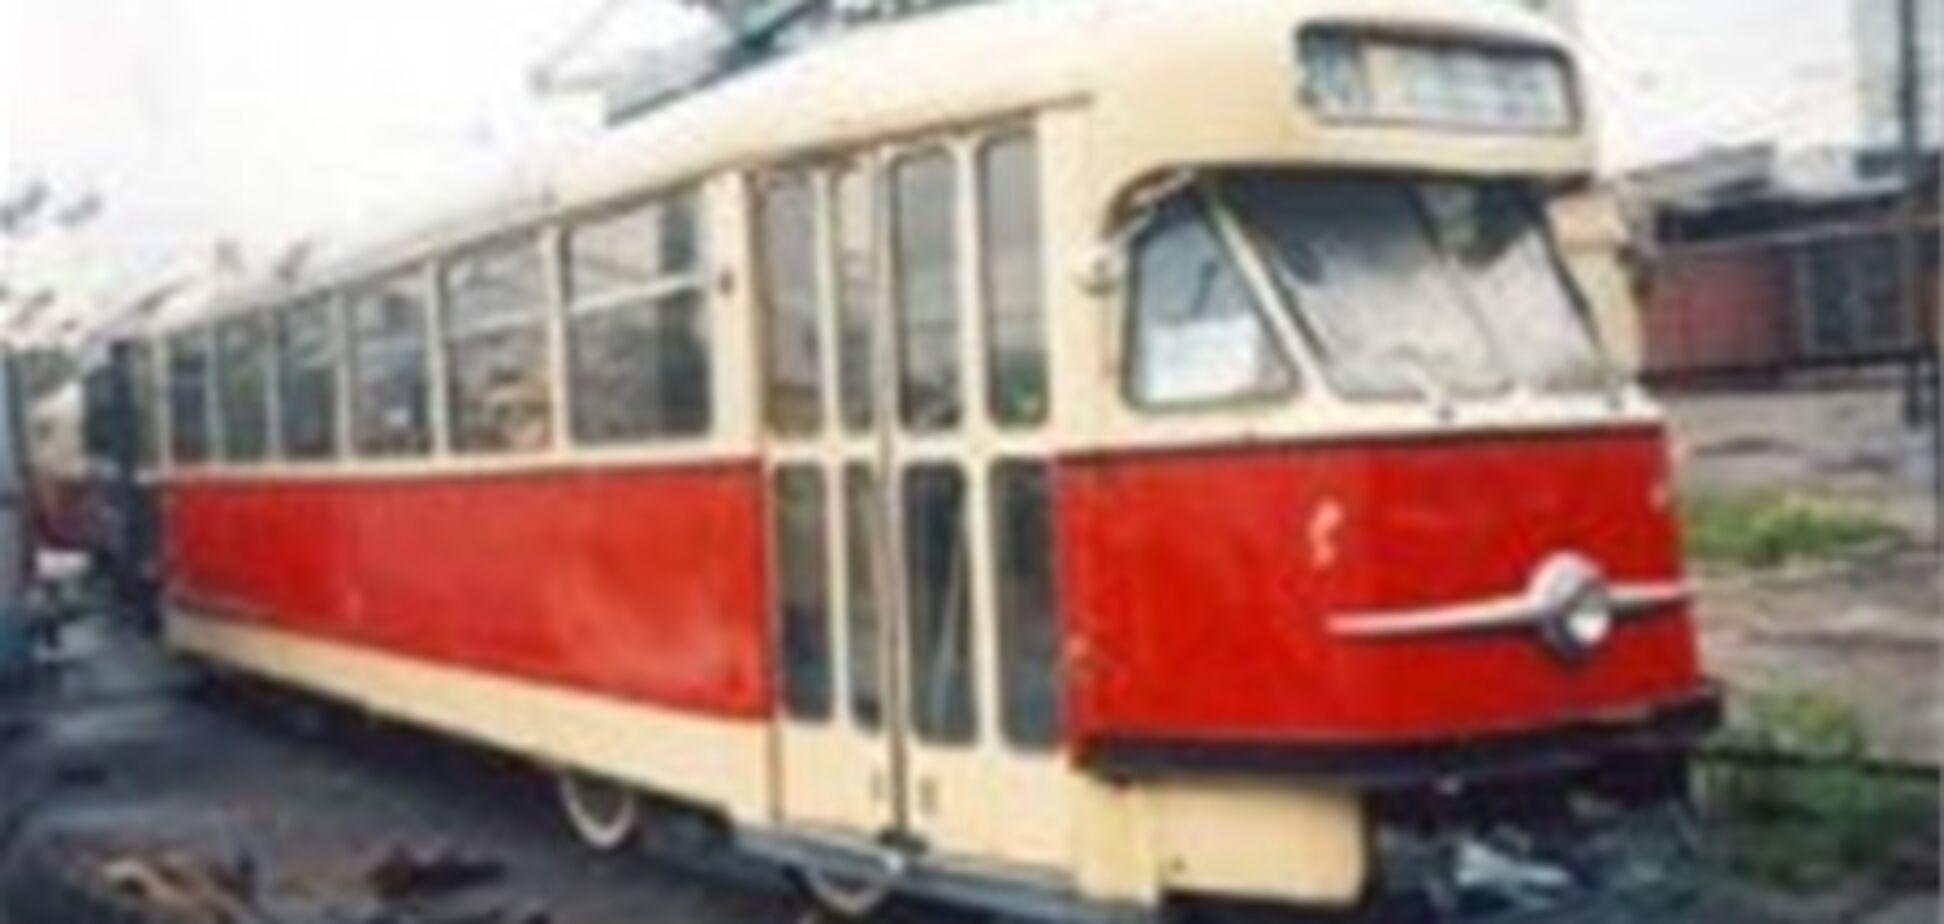 На Донетчине агрессивный шофер избил водителя трамвая за его просьбу убрать машину с путей